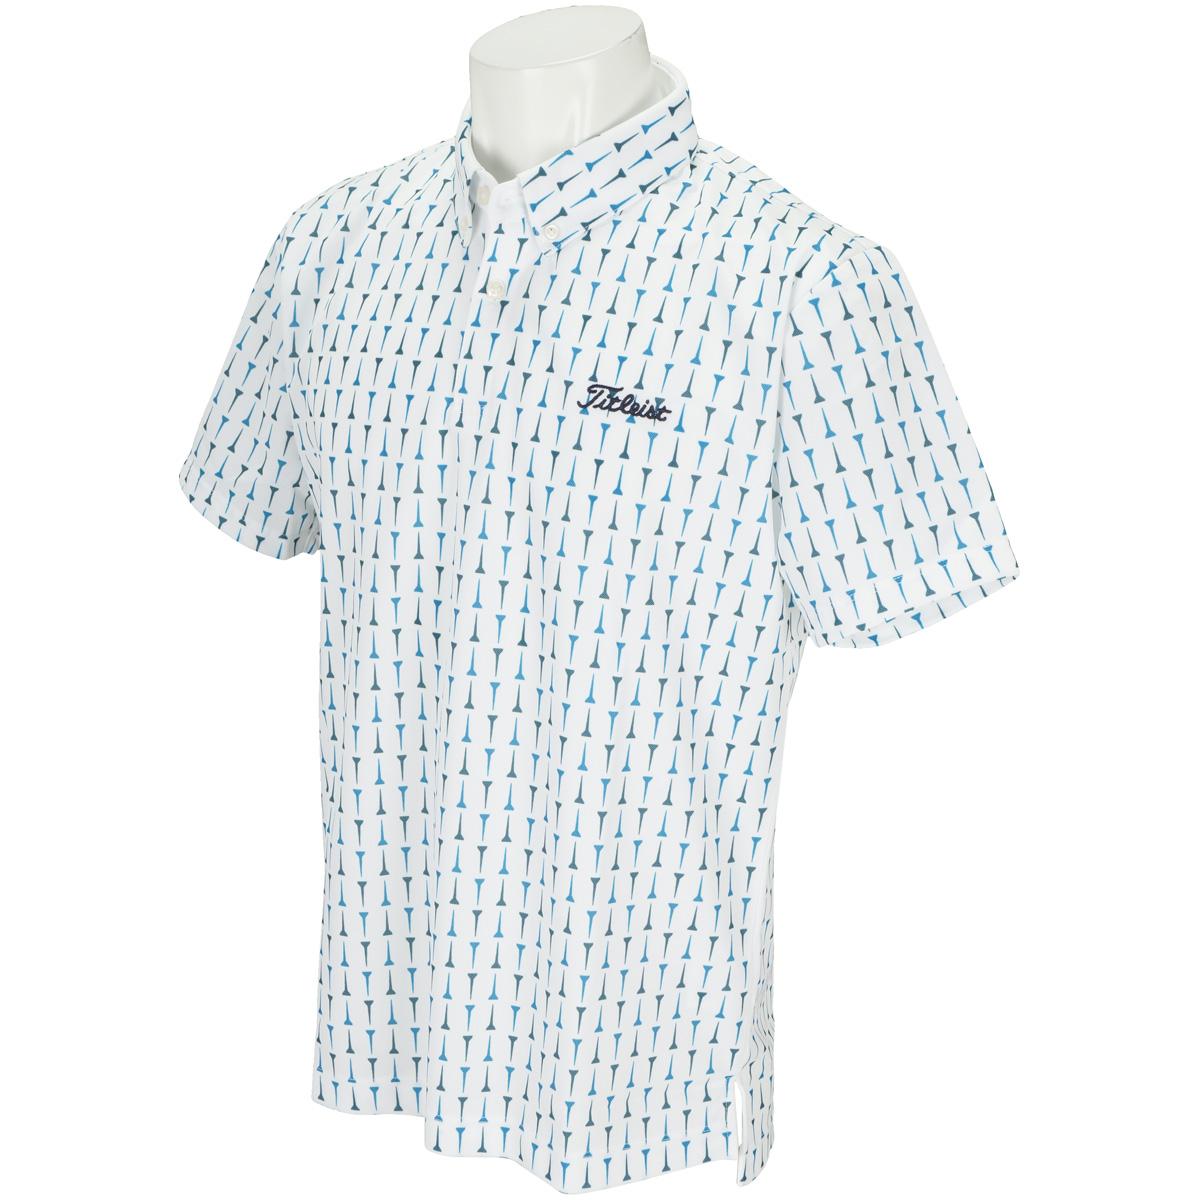 TEEプリント柄半袖ポロシャツ